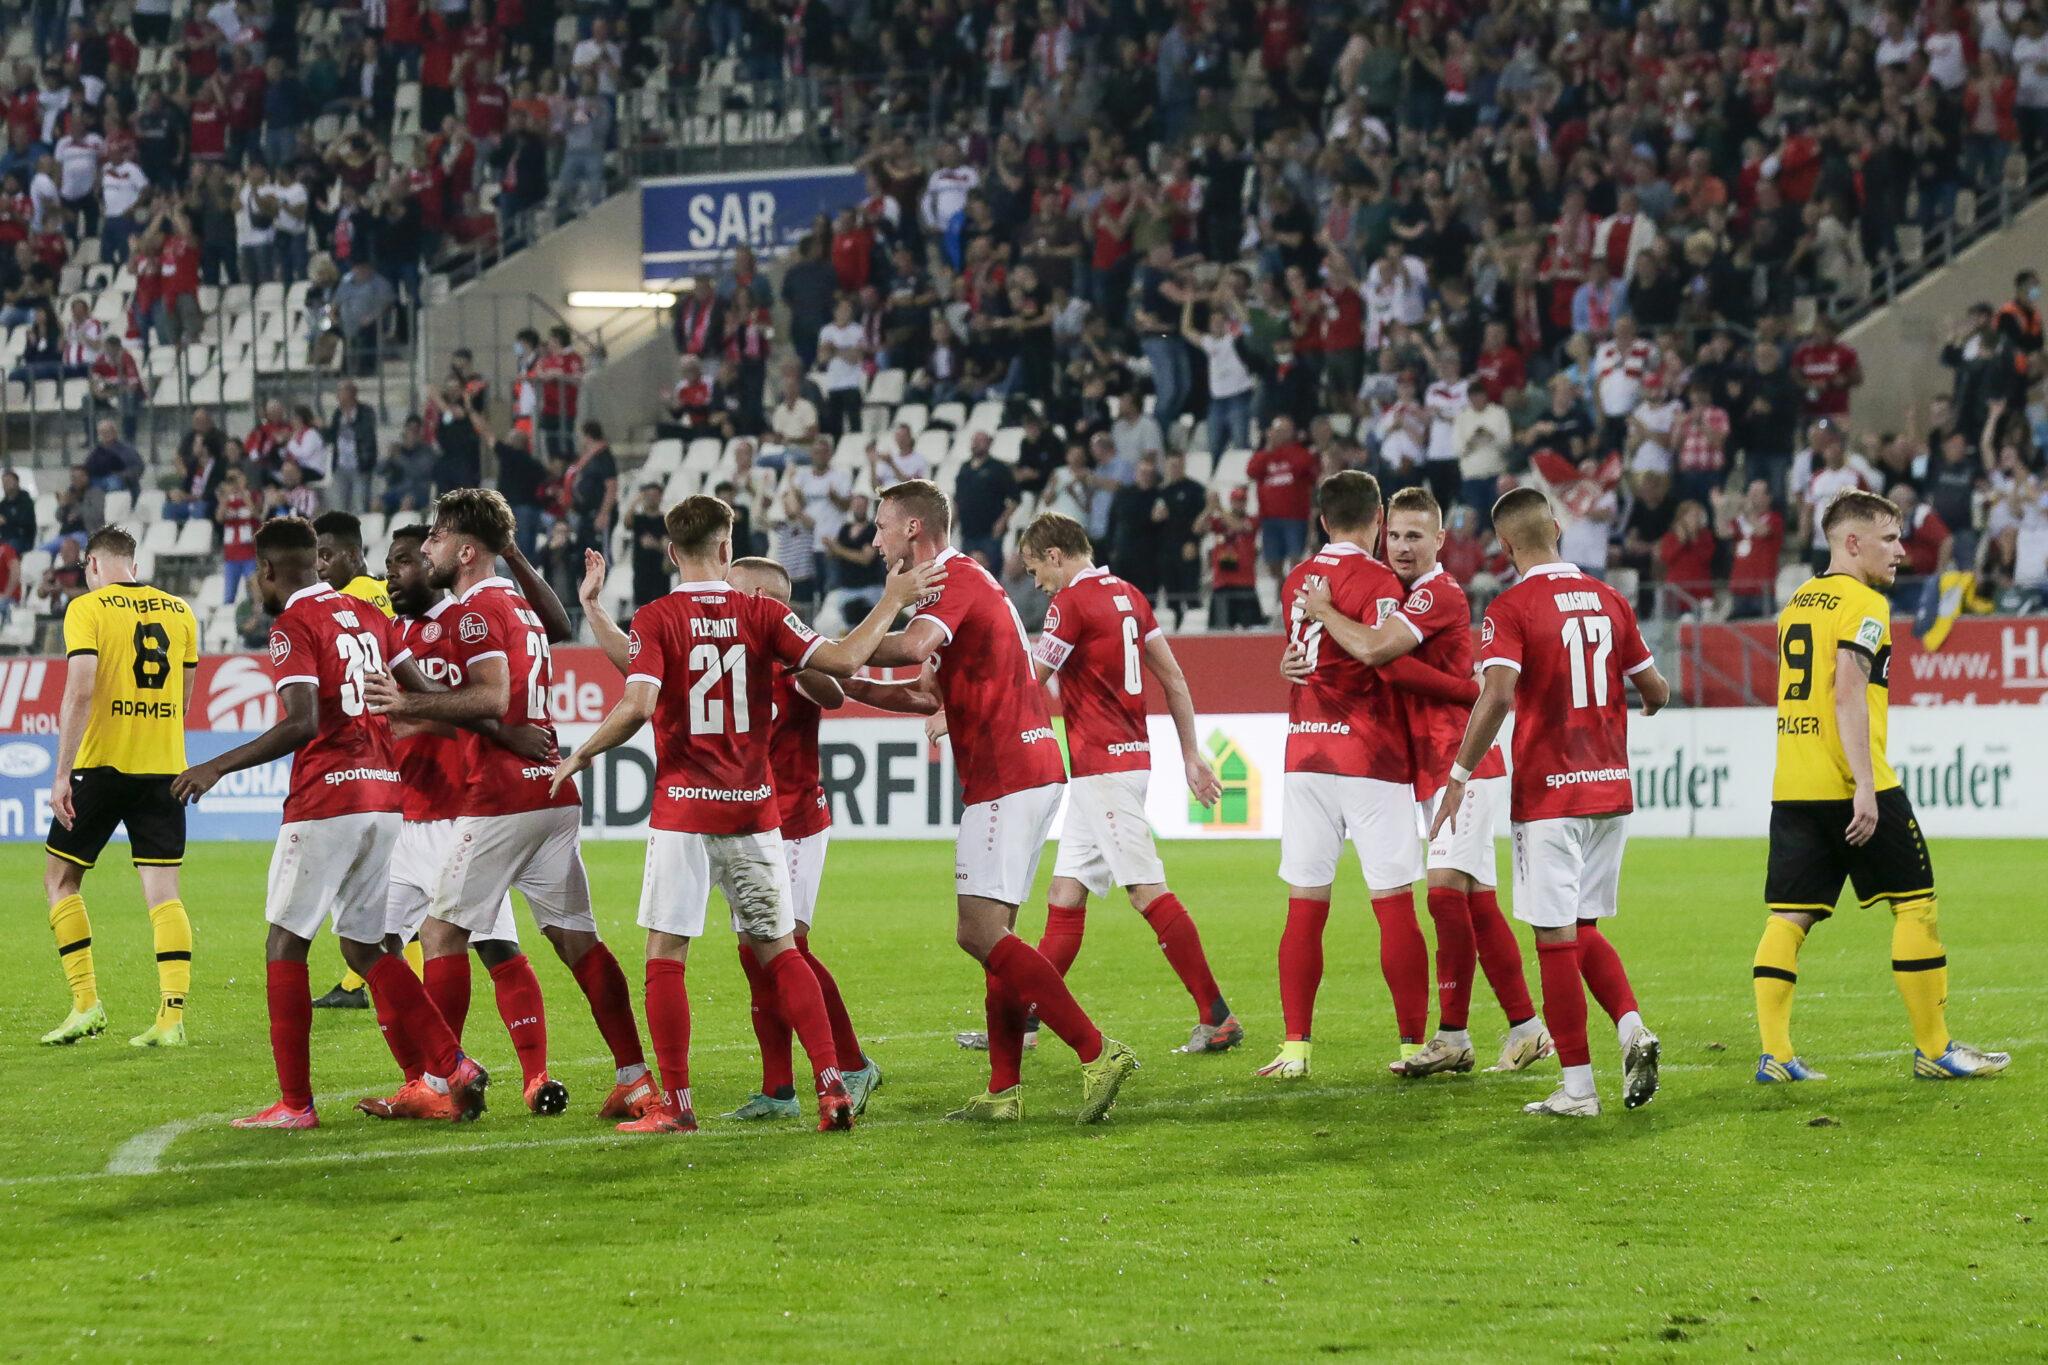 Ab sofort 12.500 Zuschauer bei Heimspielen erlaubt – Rot-Weiss Essen